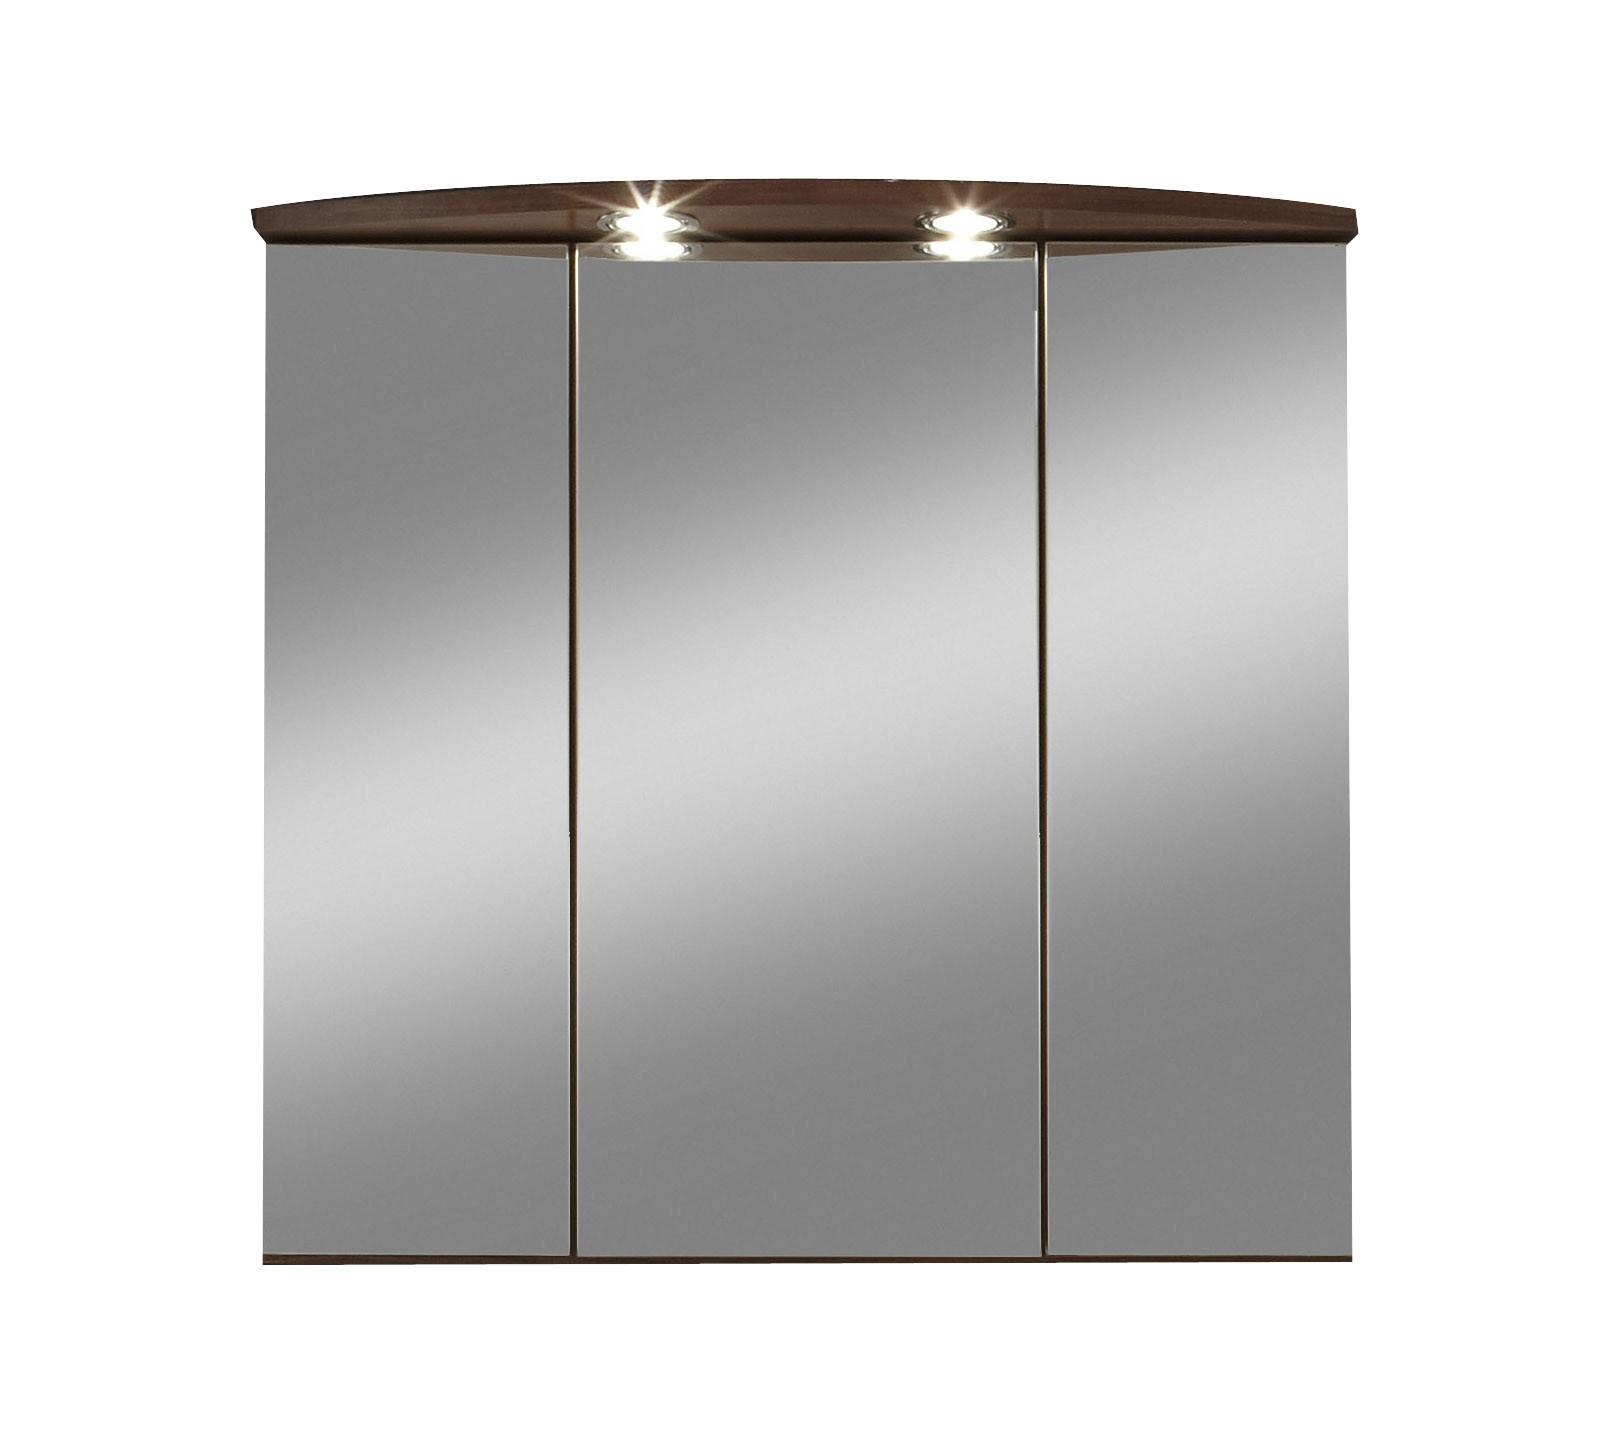 bad spiegelschrank next 3 t rig 70 cm breit nussbaum. Black Bedroom Furniture Sets. Home Design Ideas